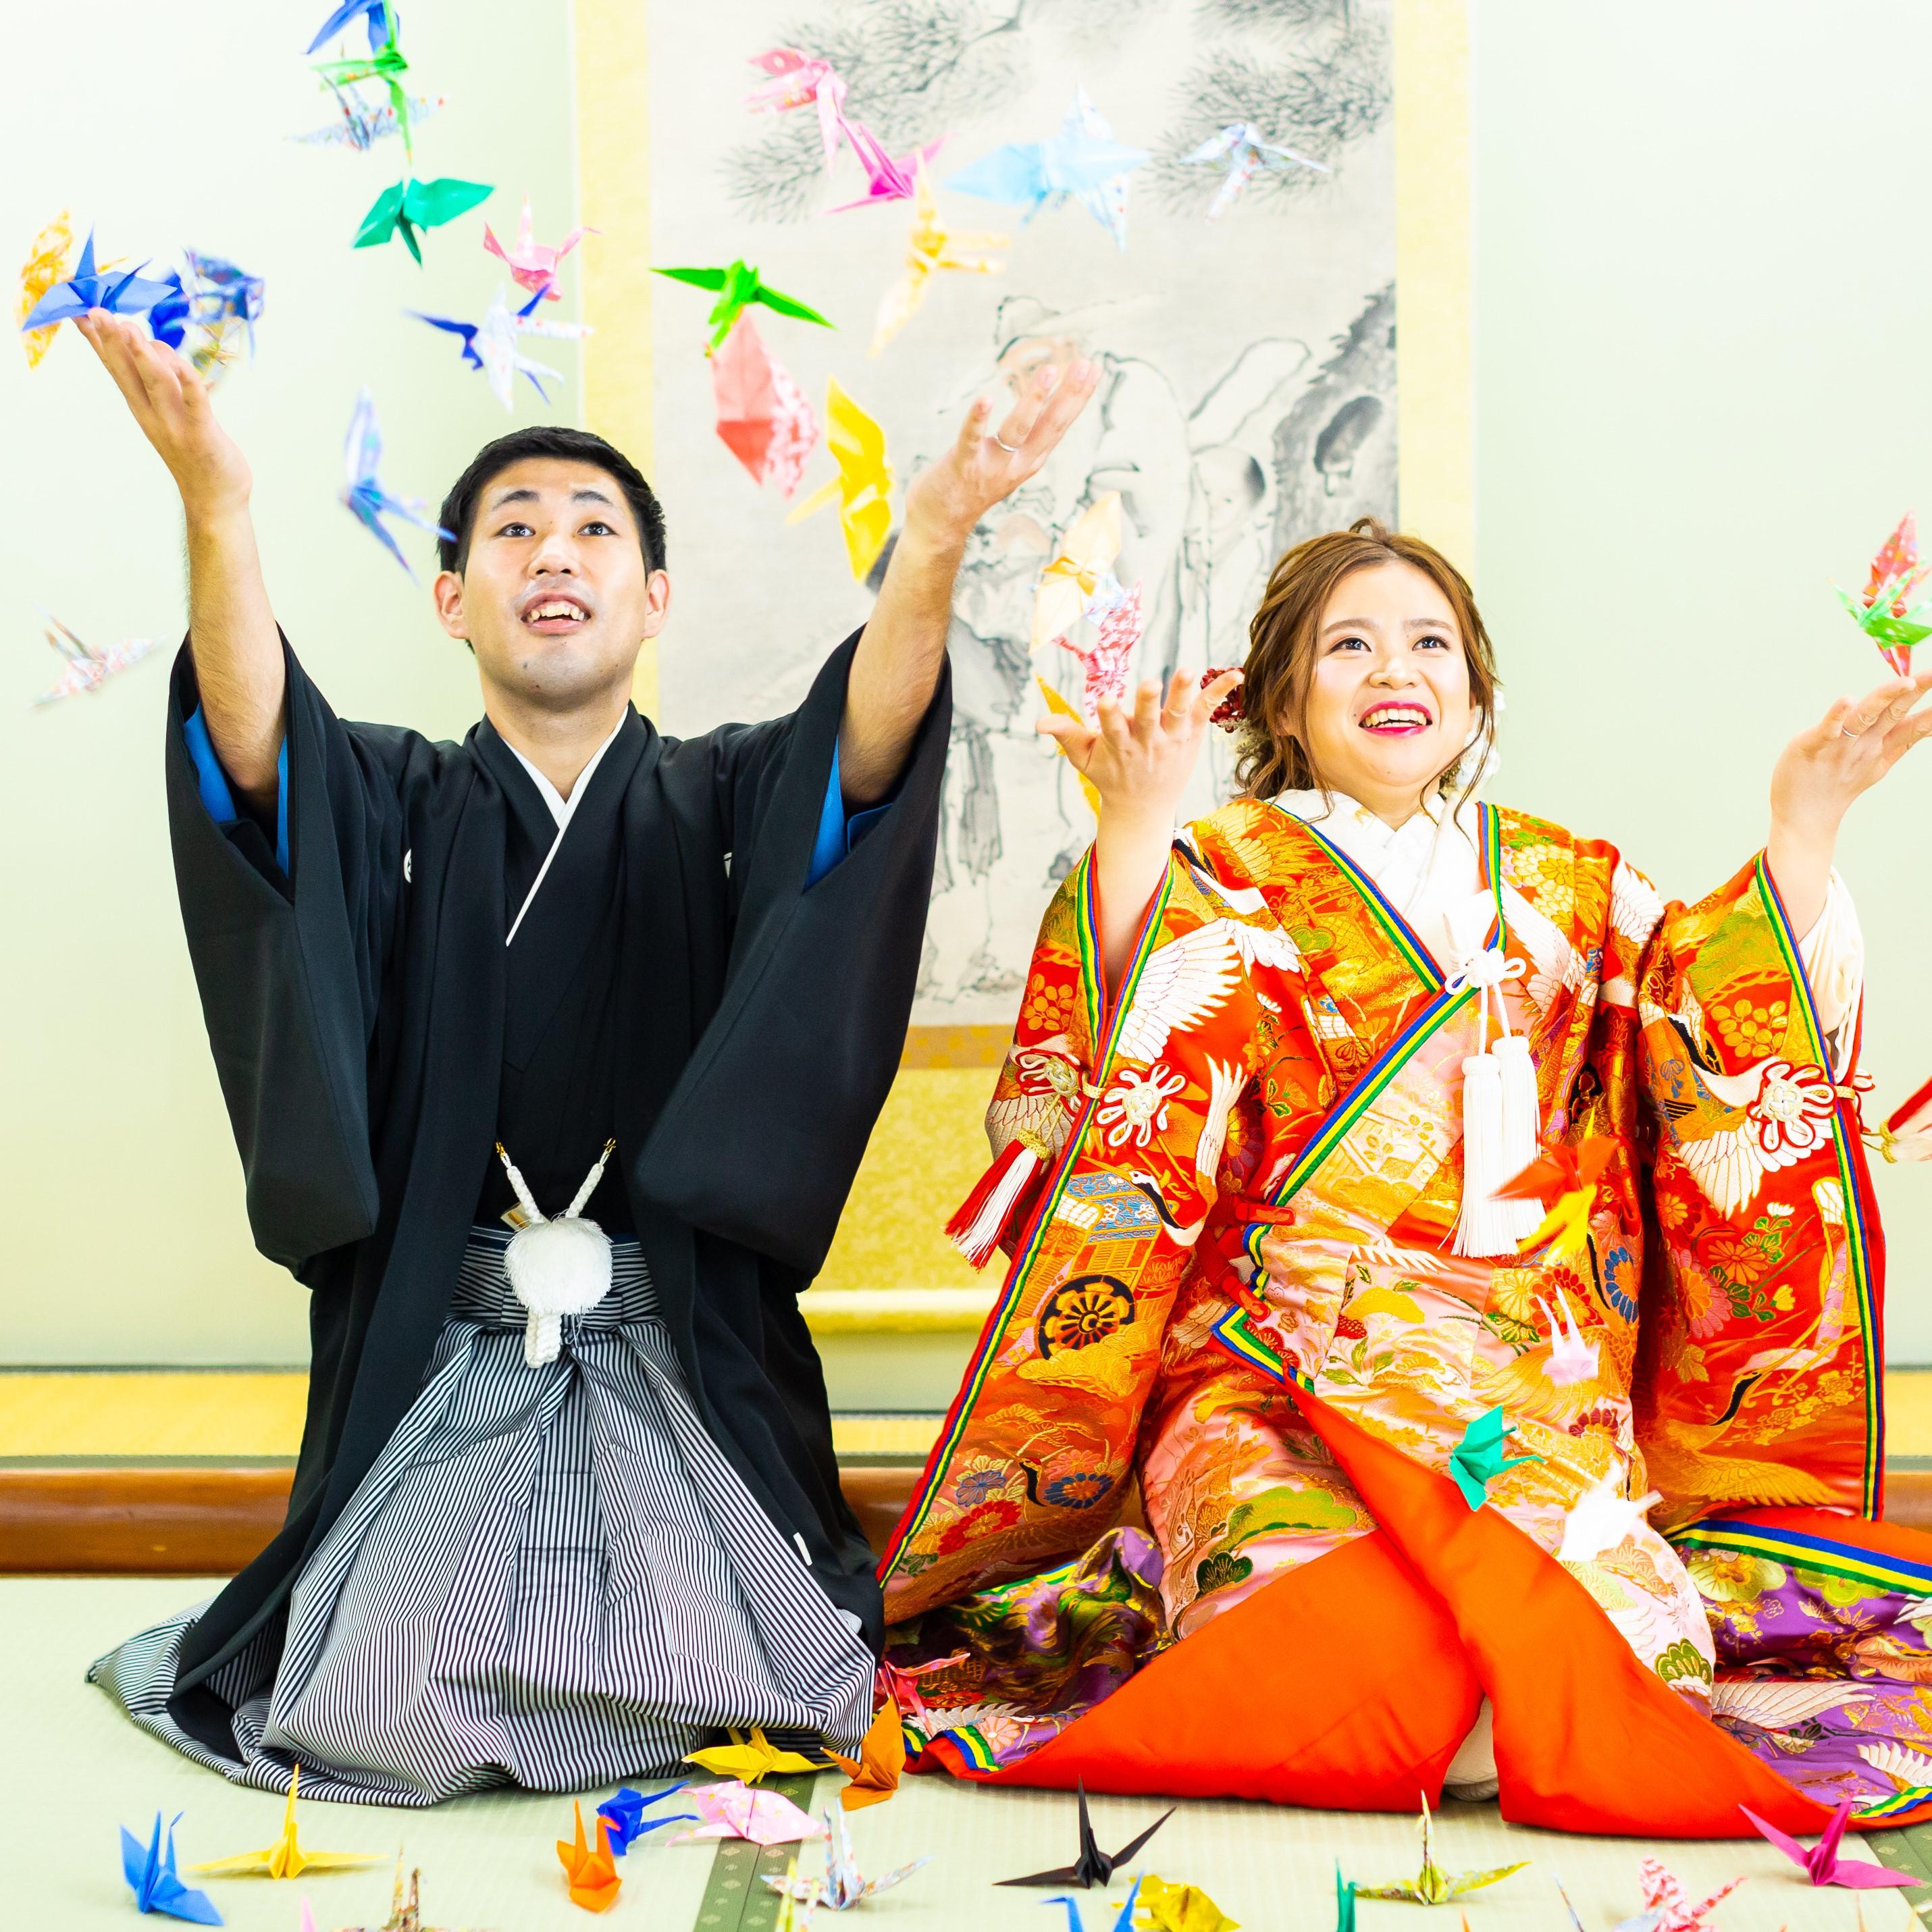 【ローストビーフの店 鎌倉山】<br/>神前式挙式プラン おすすめポイント